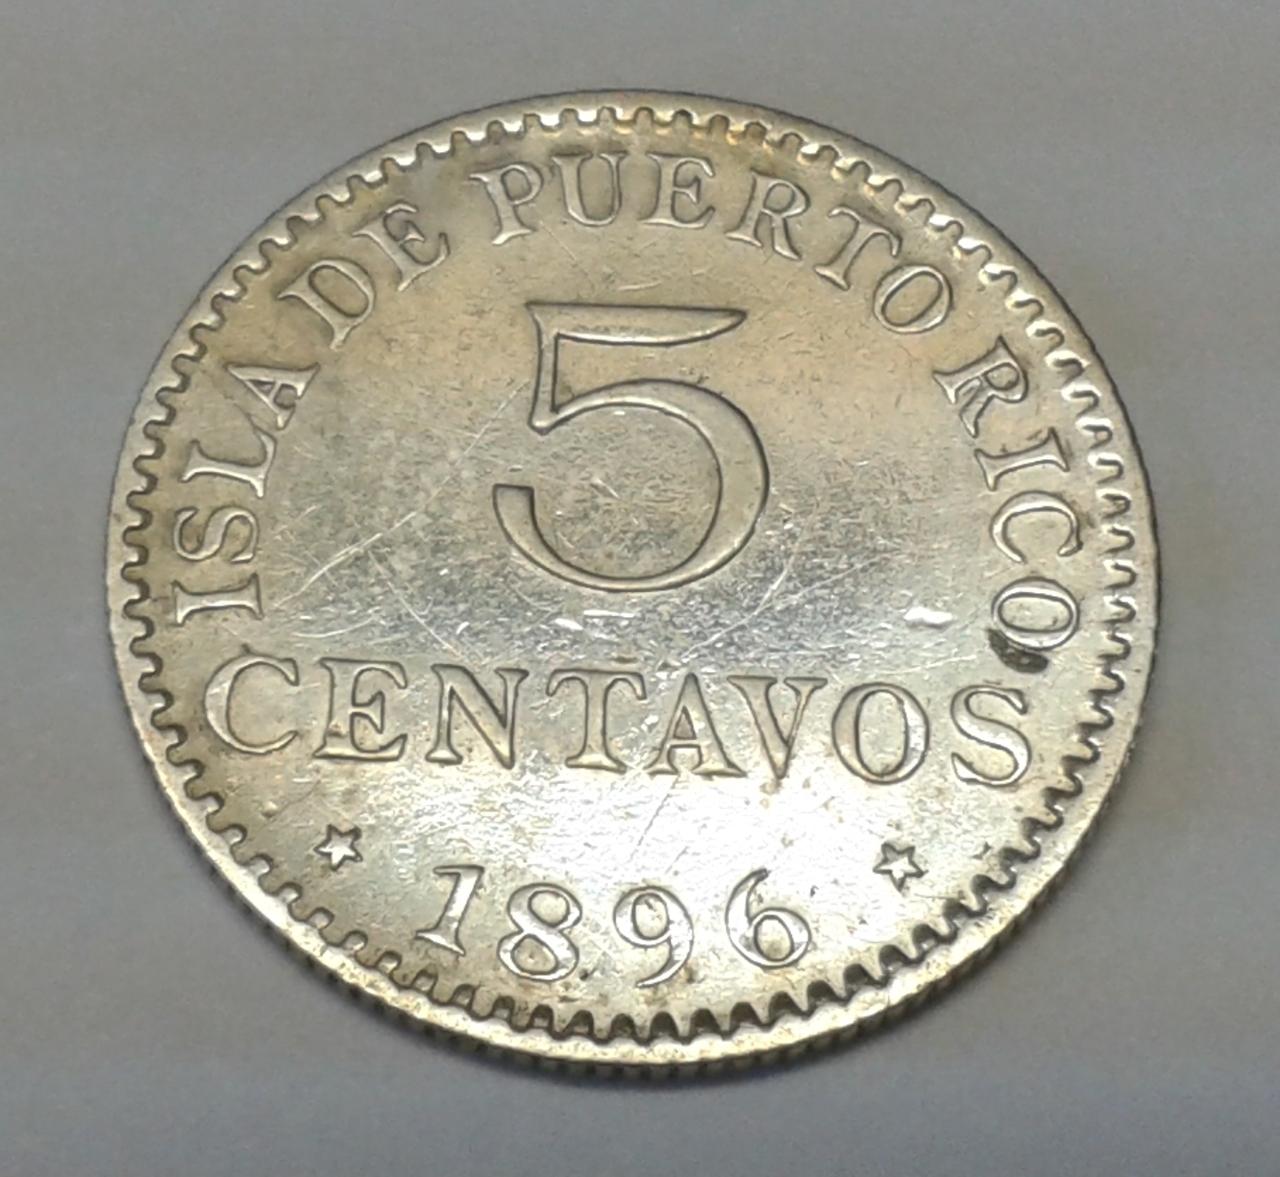 5 Centavos 1896 Puerto Rico - Alfonso XIII 20141025_142605